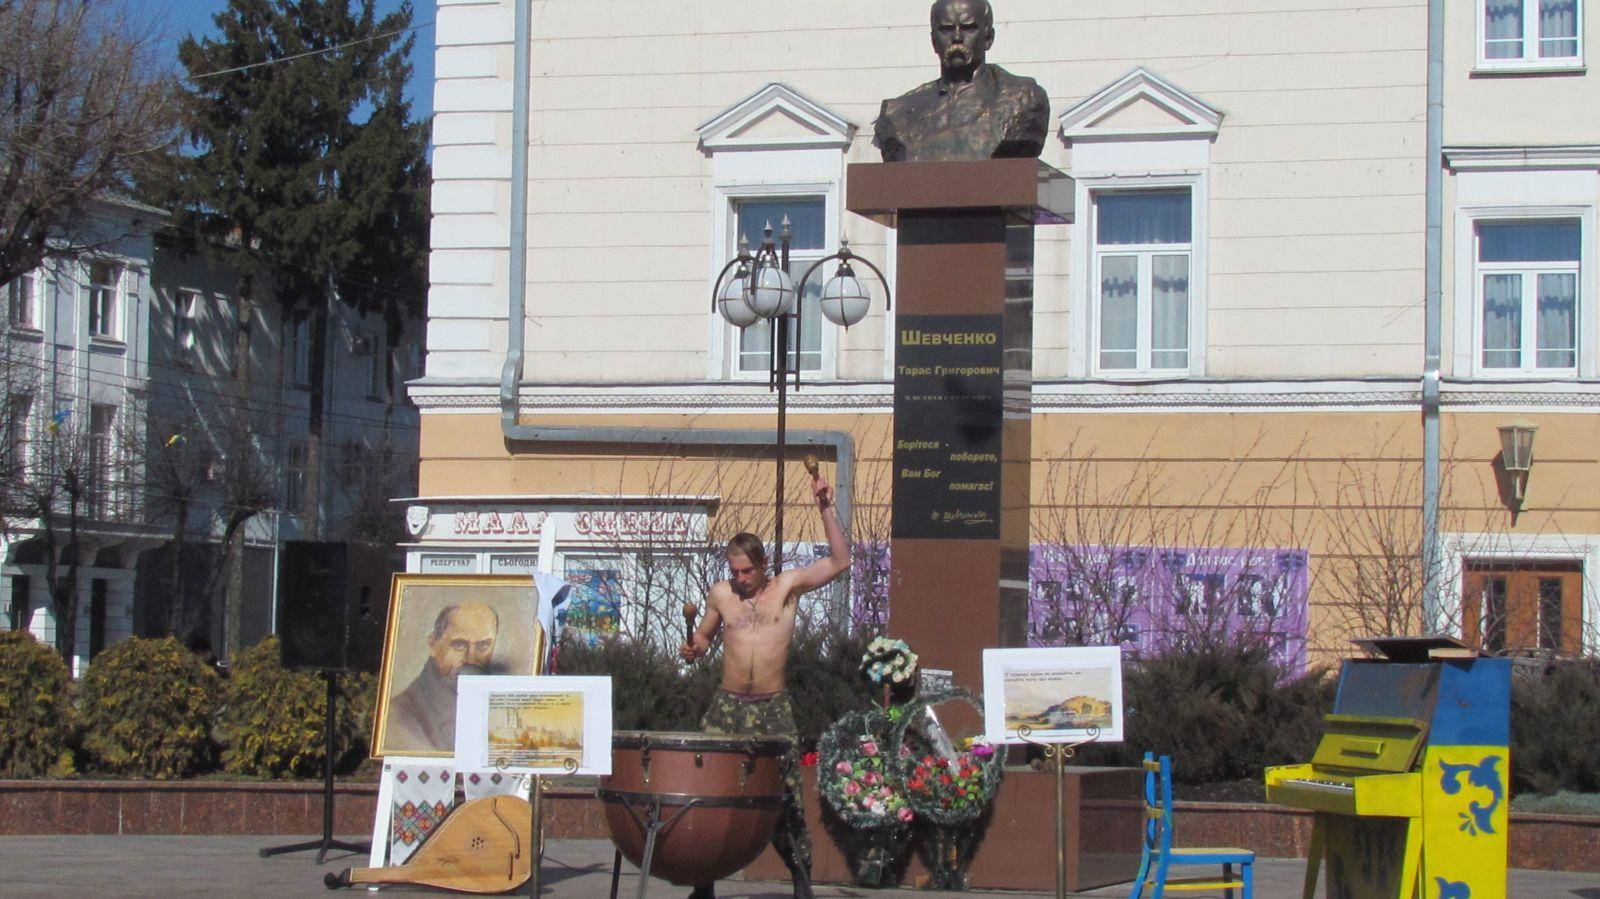 36 обласних депутатів вимагають позачергову сесію щодо пам'ятника Небесній сотні у Вінниці